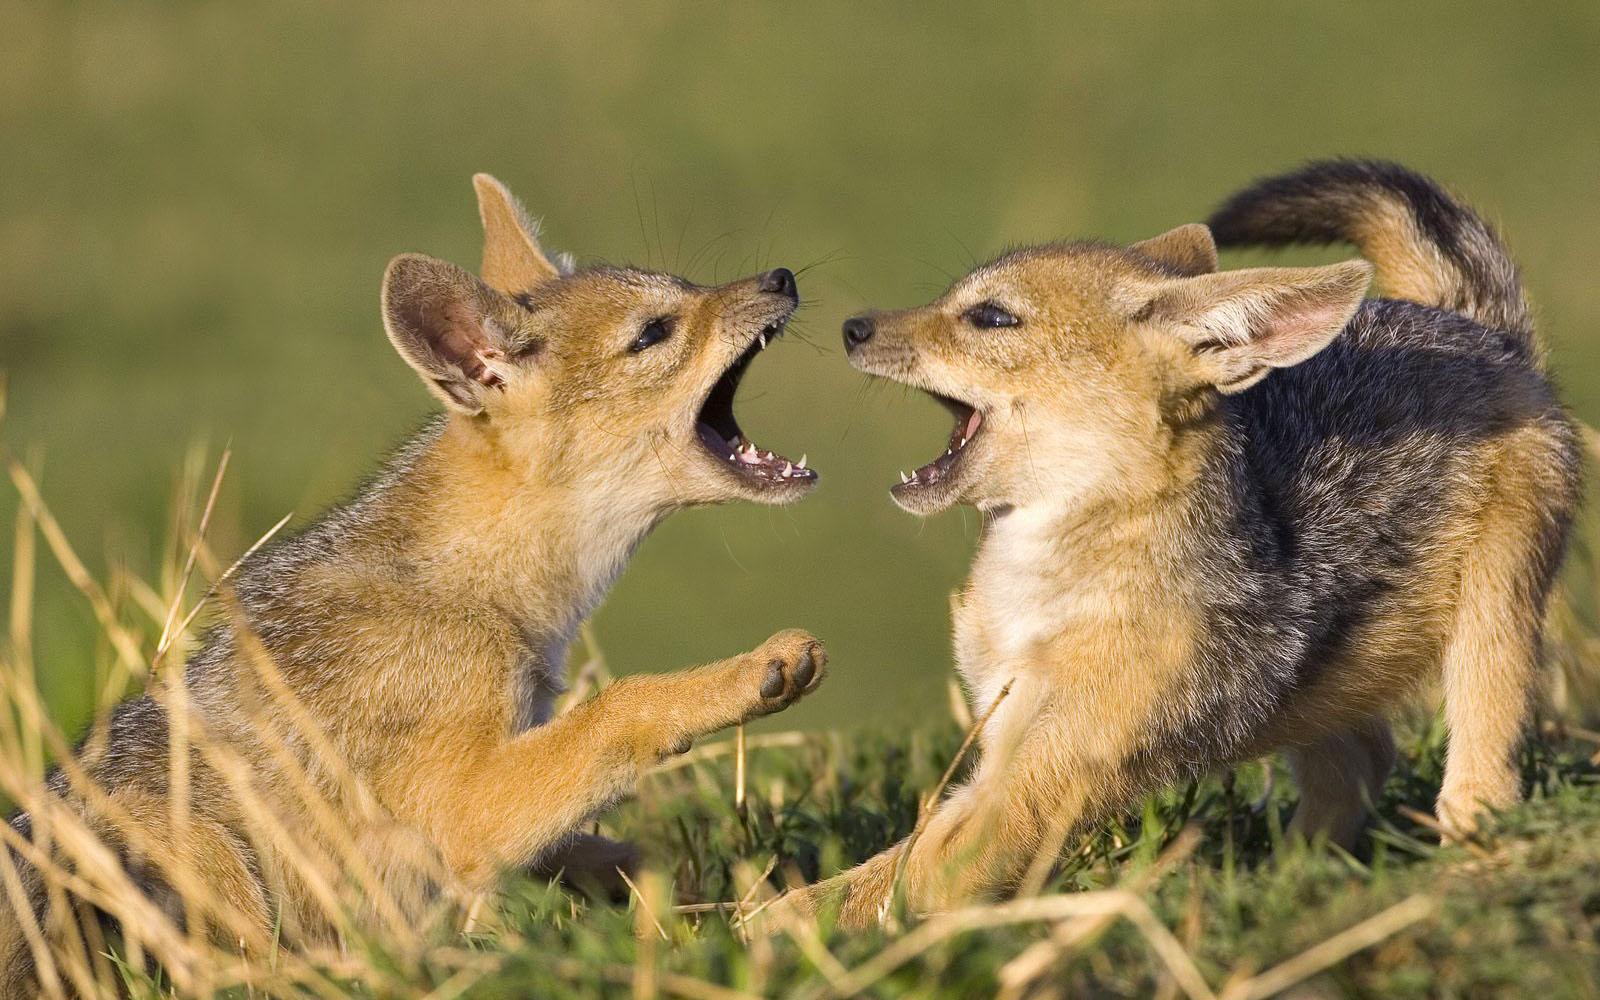 http://1.bp.blogspot.com/-Rs8nXtvaUOU/TjsA9Vyu_AI/AAAAAAAAC-s/lsxzVc6POM4/s1600/animals_wallpapers%2B%252814%2529.jpg